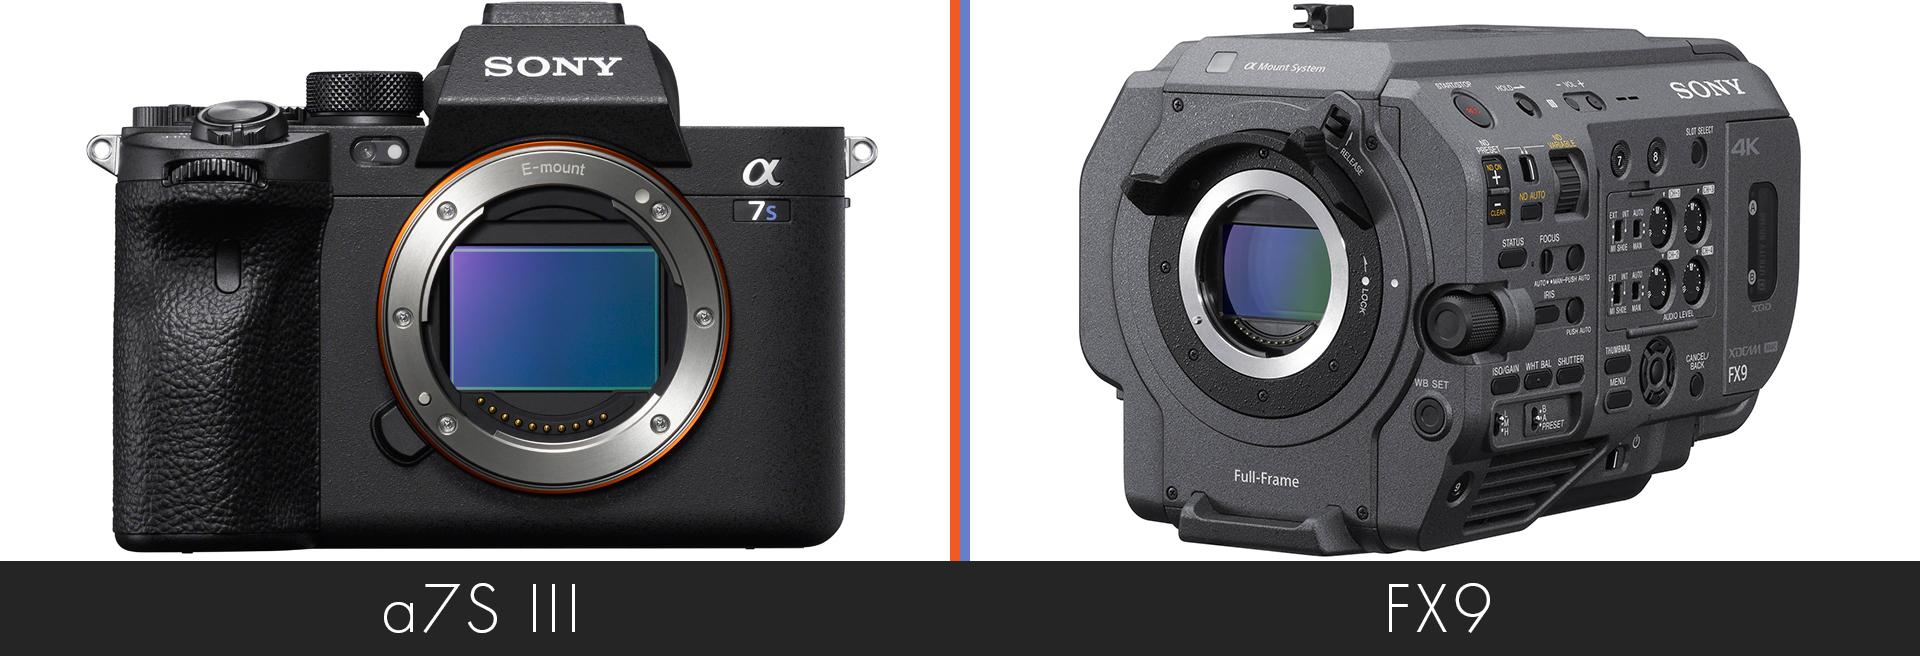 a7S III versus Sony FX9